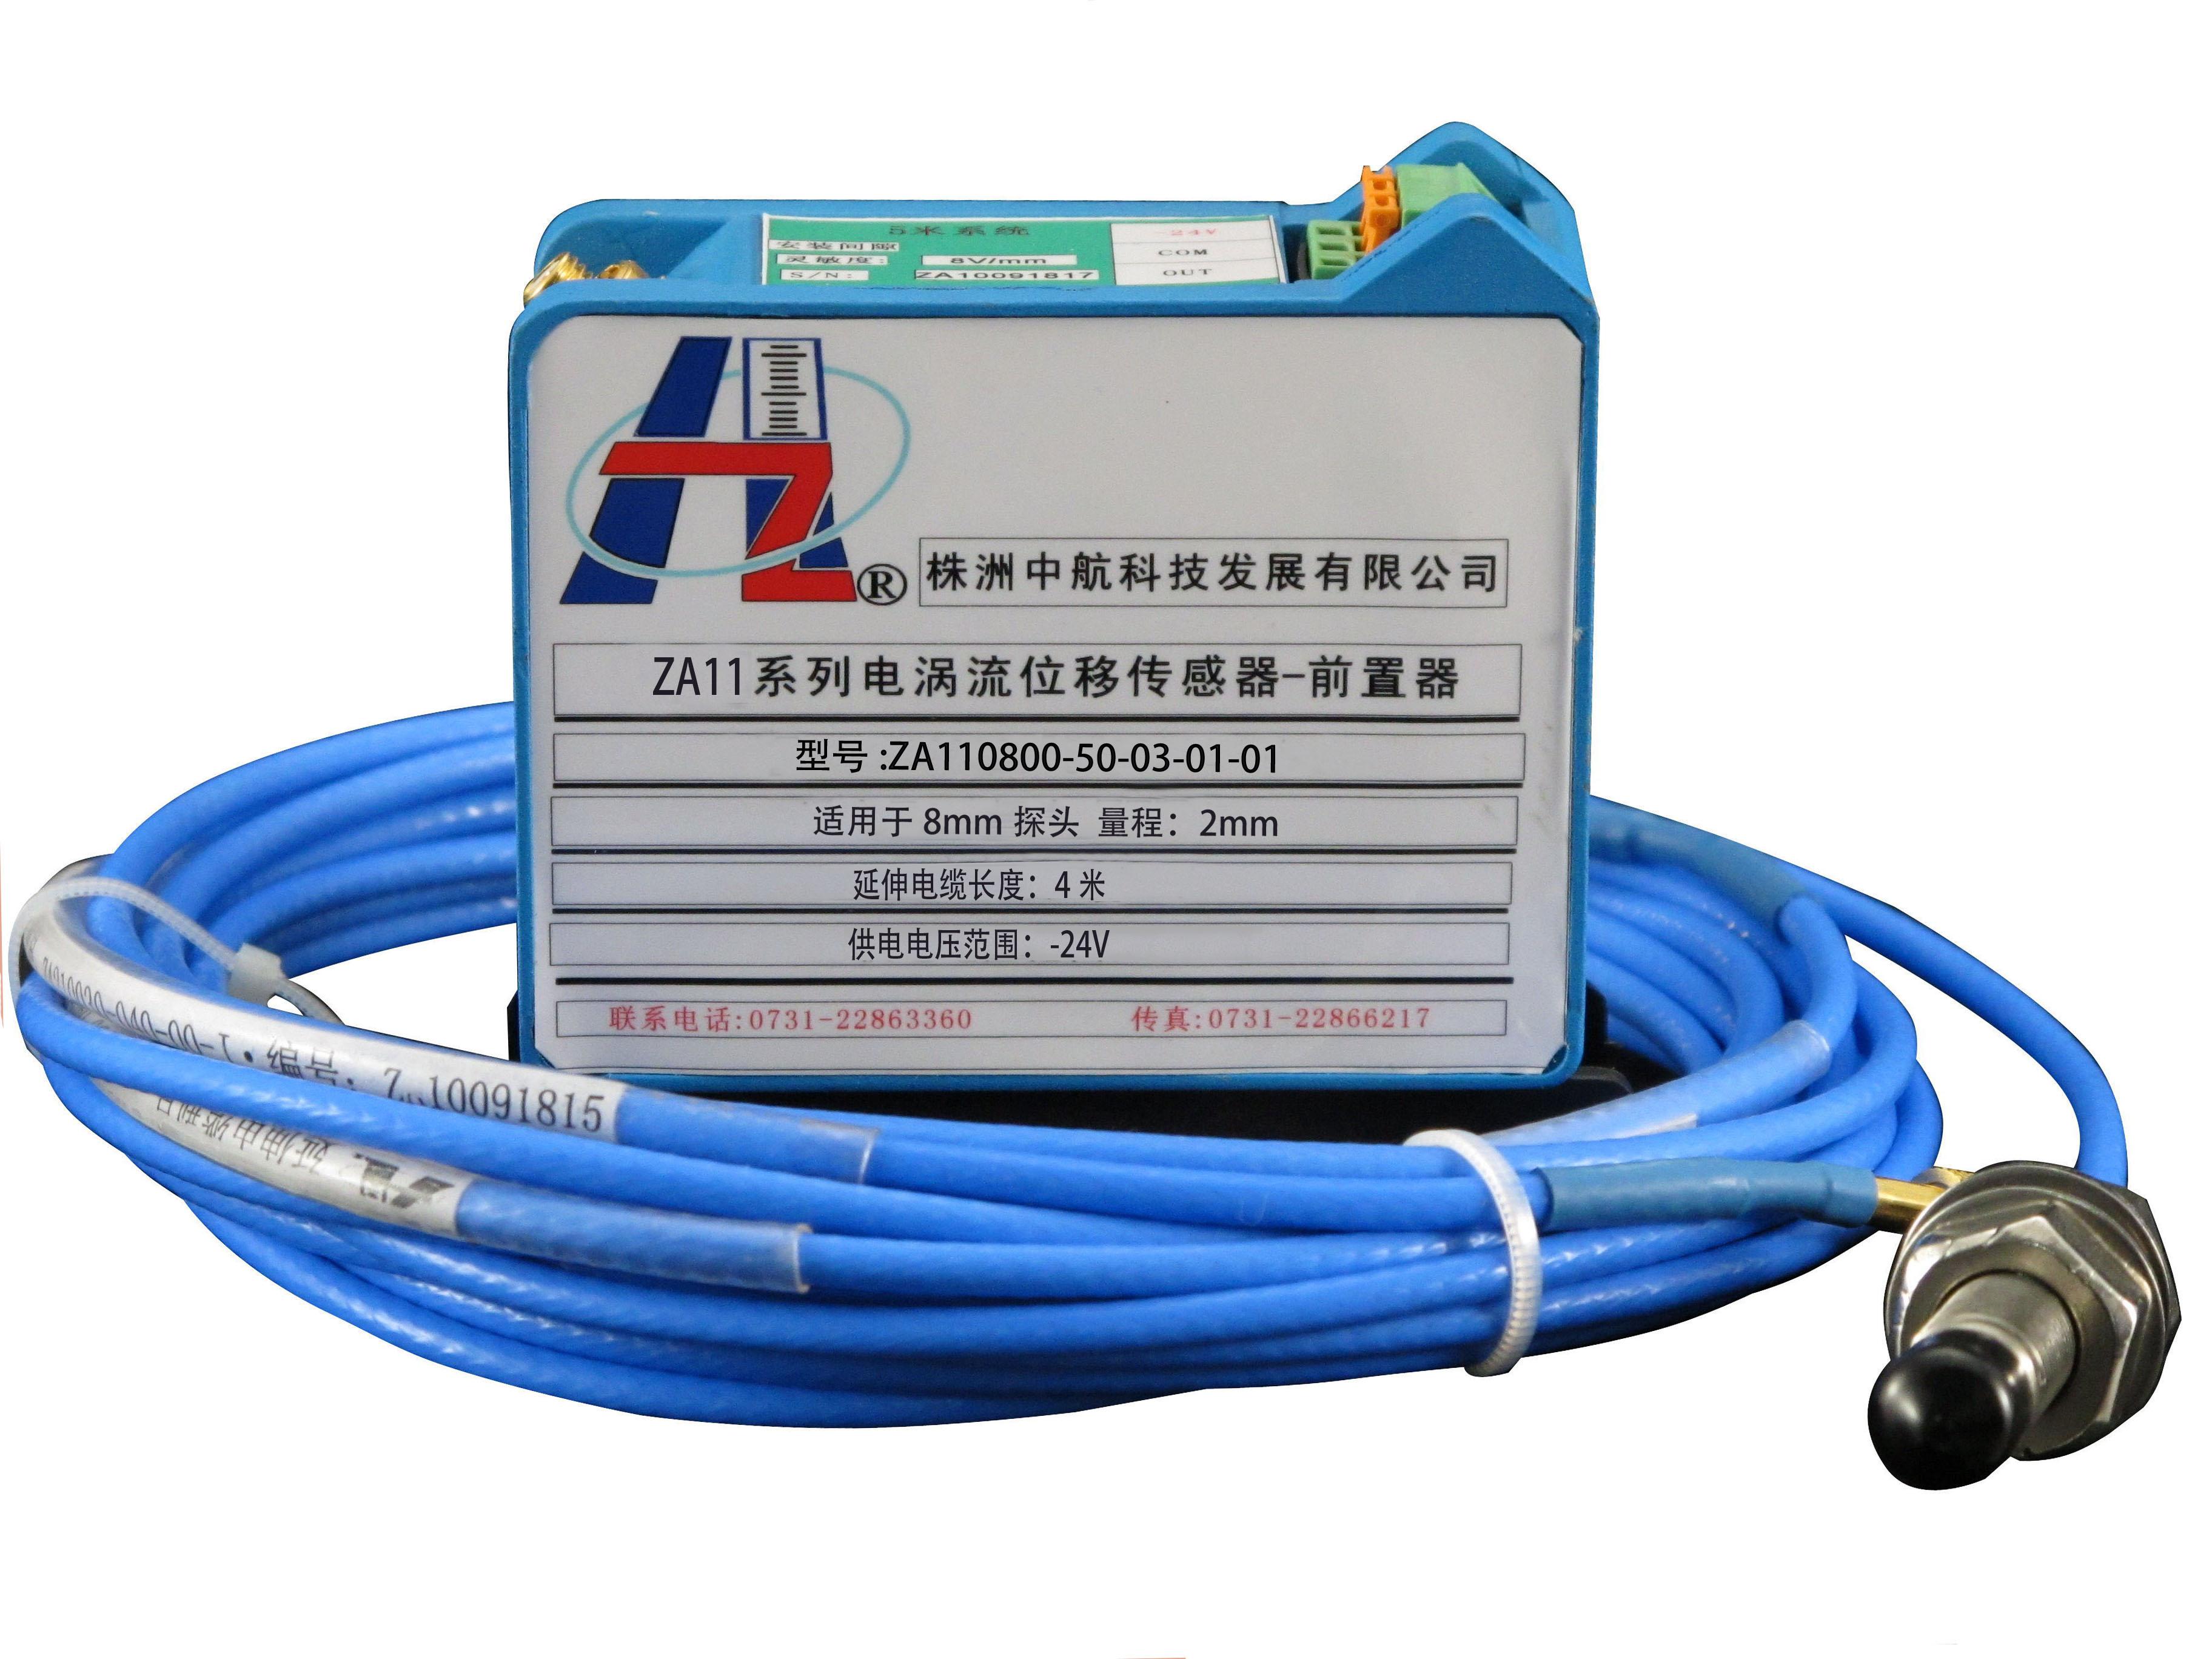 ZA11系列电涡流传感器